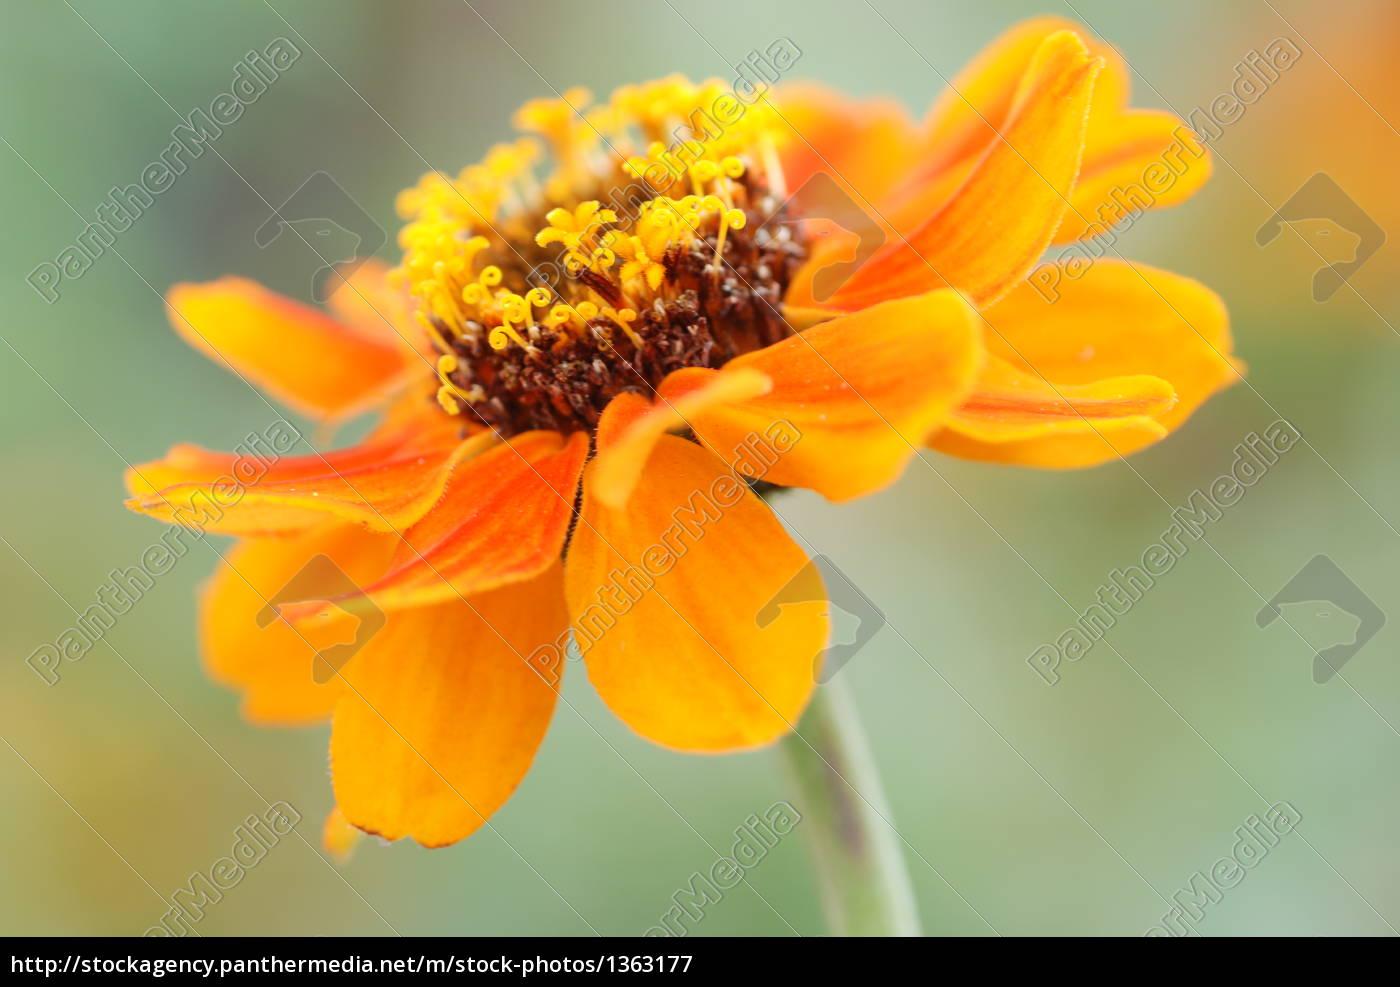 bloom, in, orange - 1363177